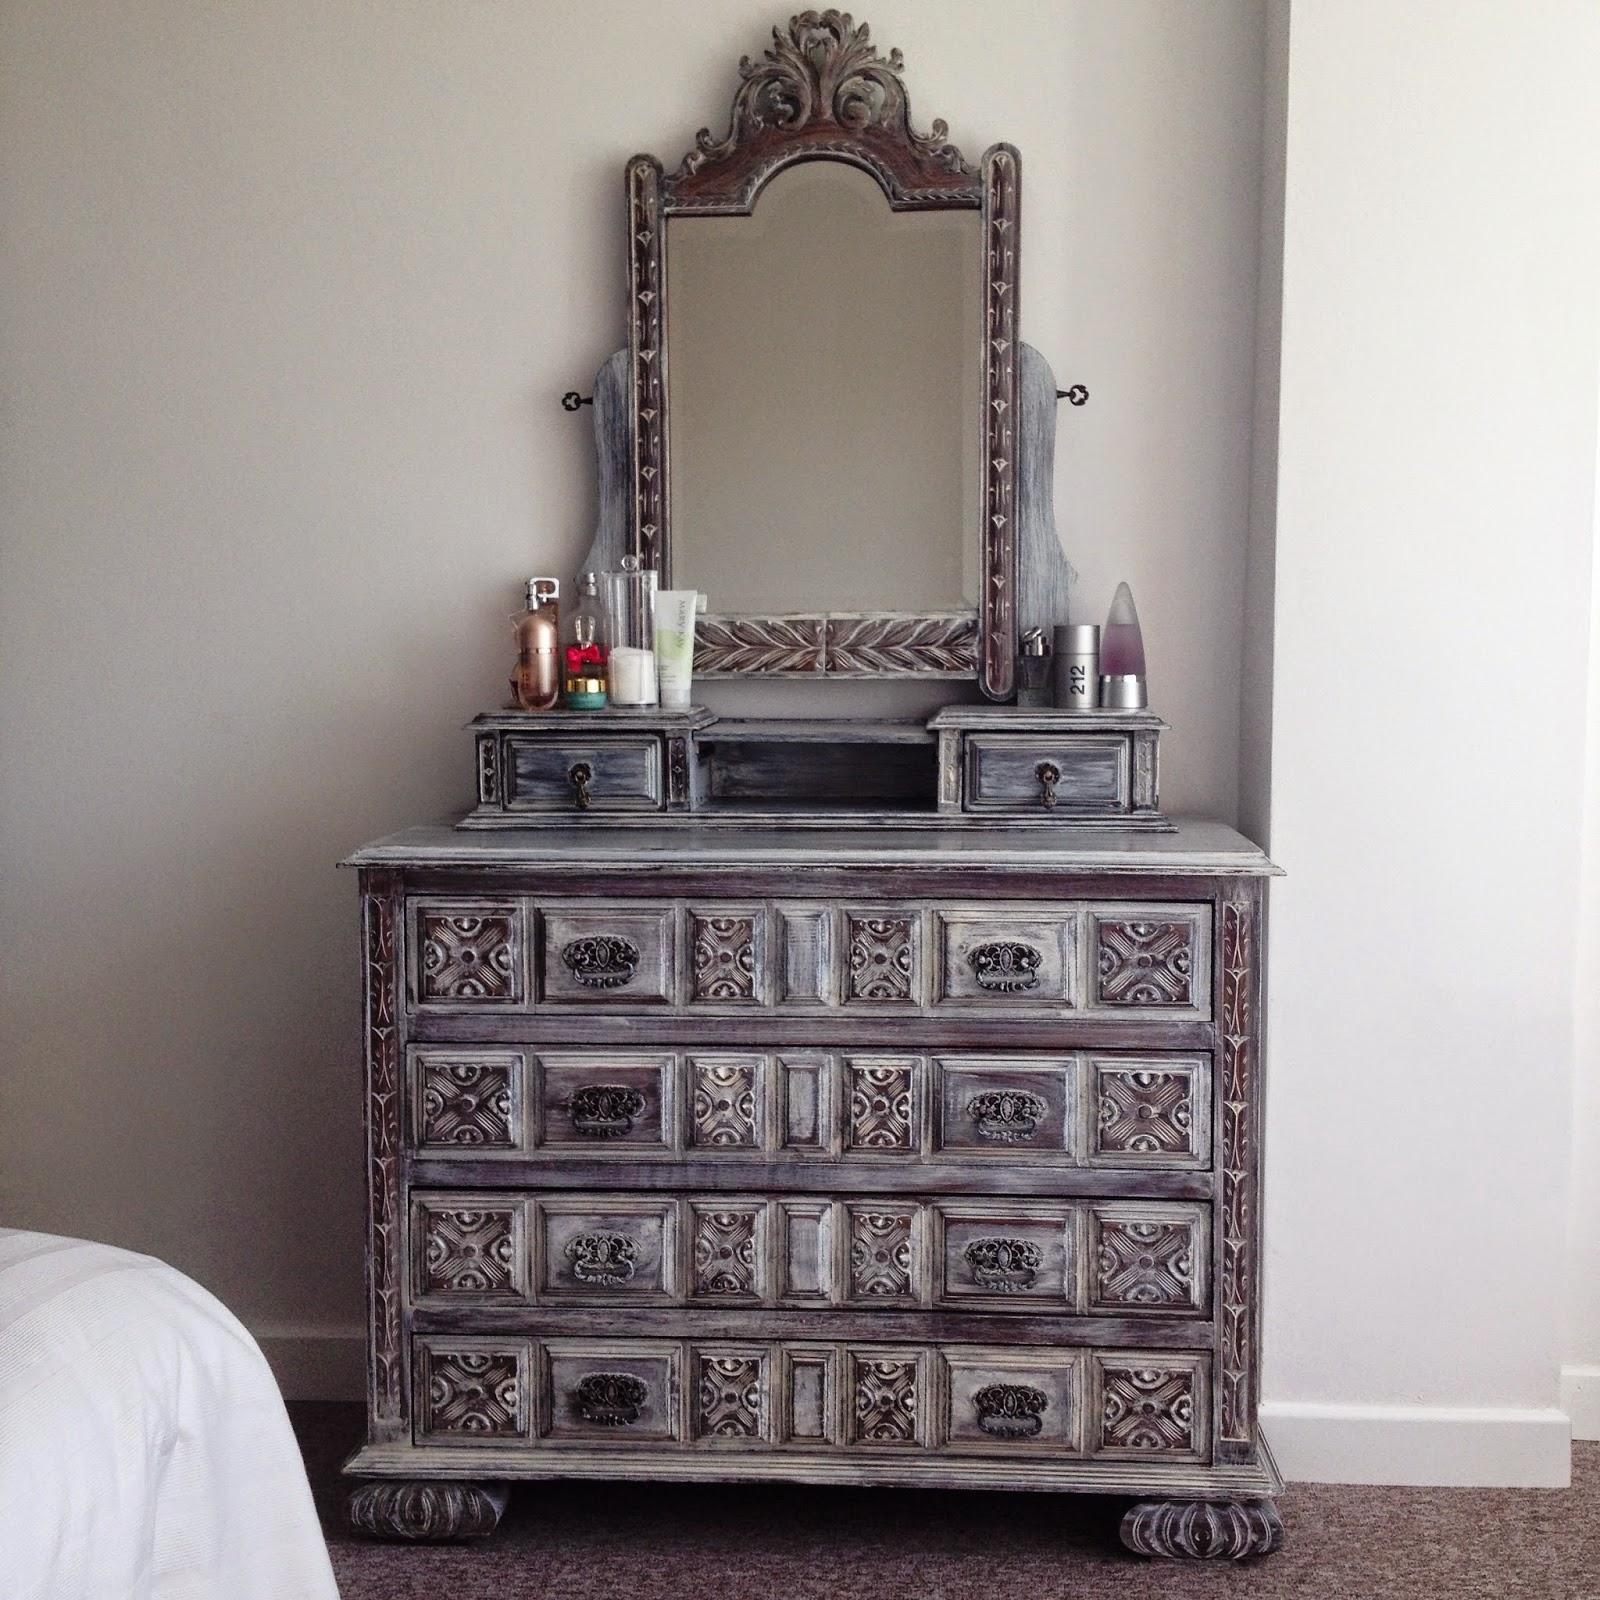 Naifandtastic decoraci n craft hecho a mano for Recuperar muebles antiguos